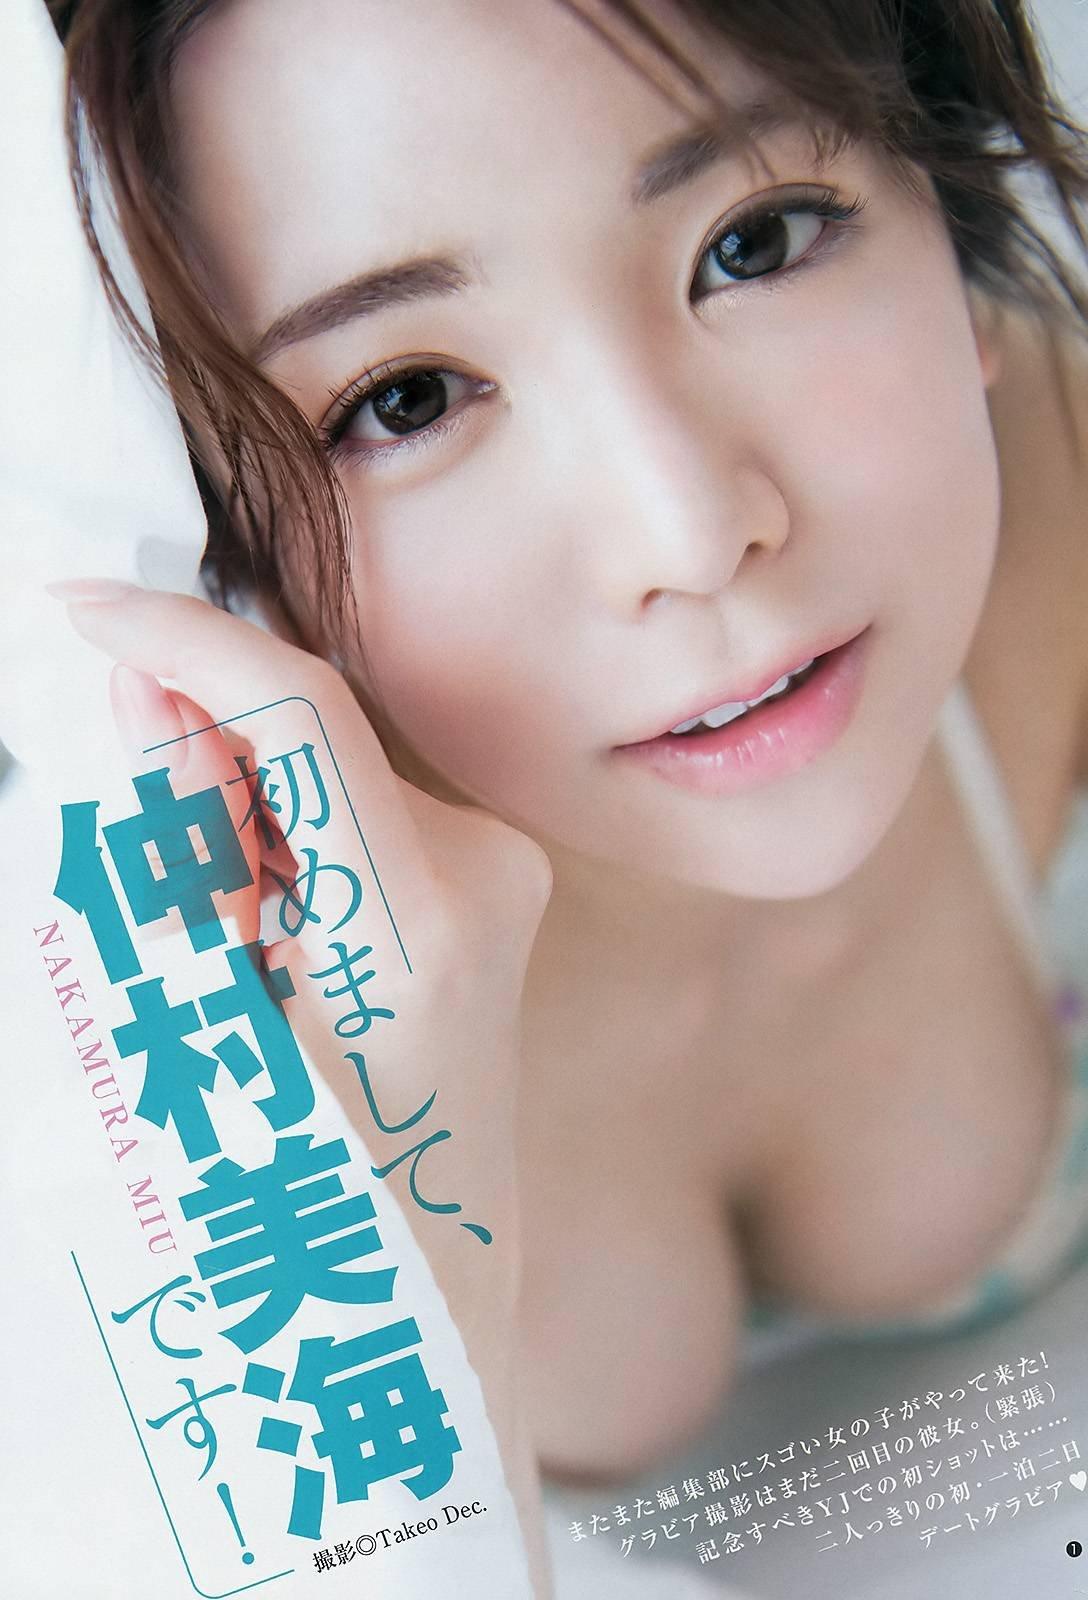 【逸材】仲村美海(25)の新人初グラビアエロ画像96枚・6枚目の画像